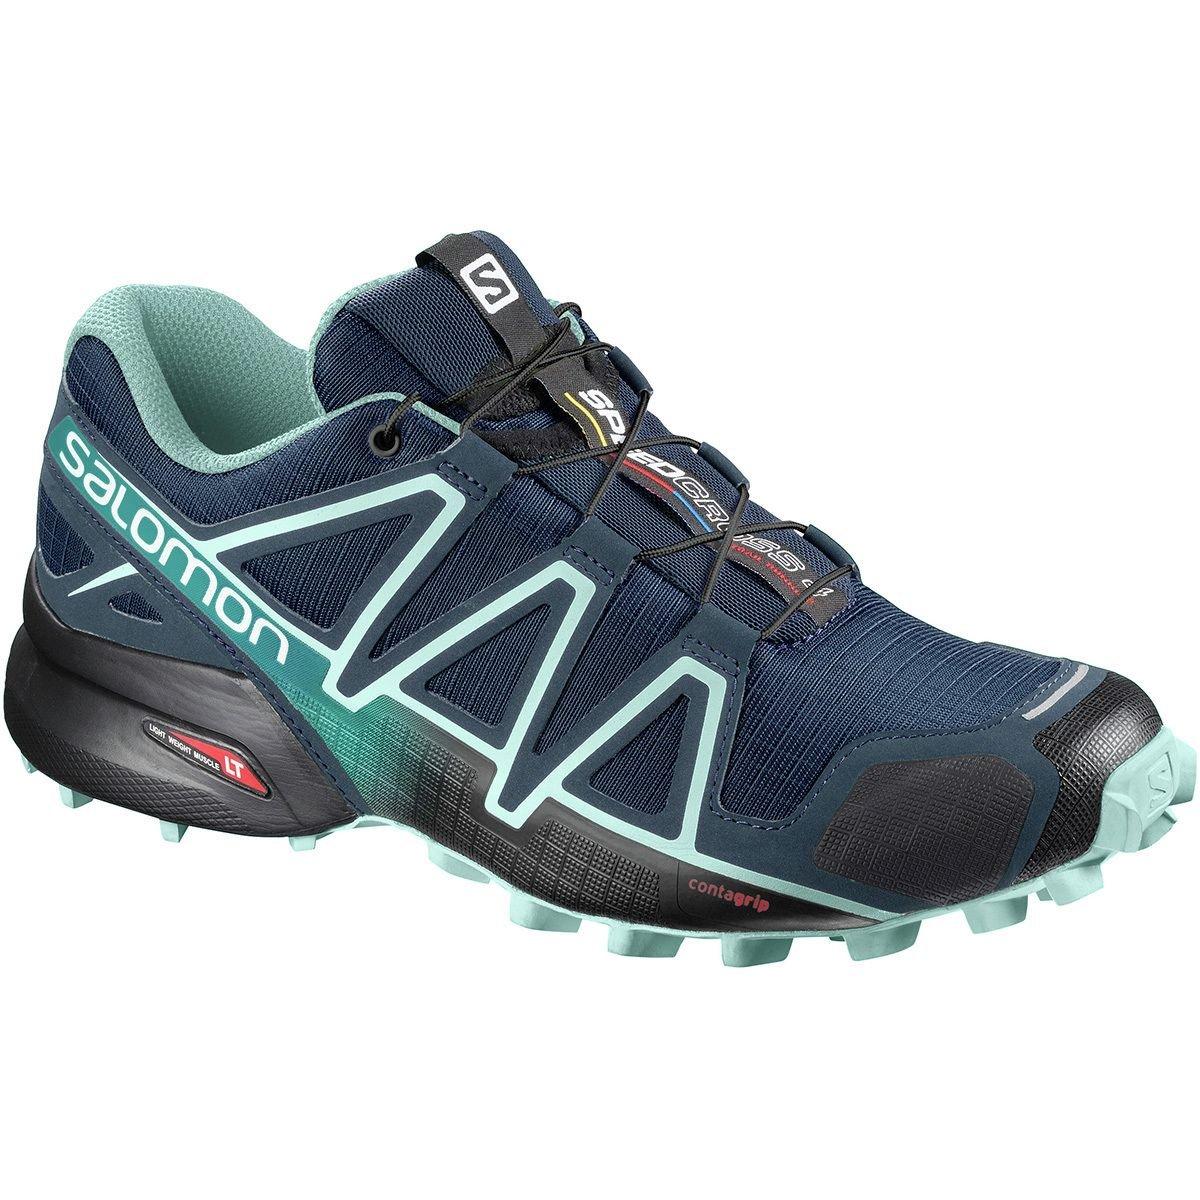 安い購入 [サロモン] レディース ランニング Speedcross 4 Trail 4 Running Shoe Speedcross レディース [並行輸入品] B07FND728H US-9.0/UK-7.5, イワキボード:7391c897 --- kuoying.net